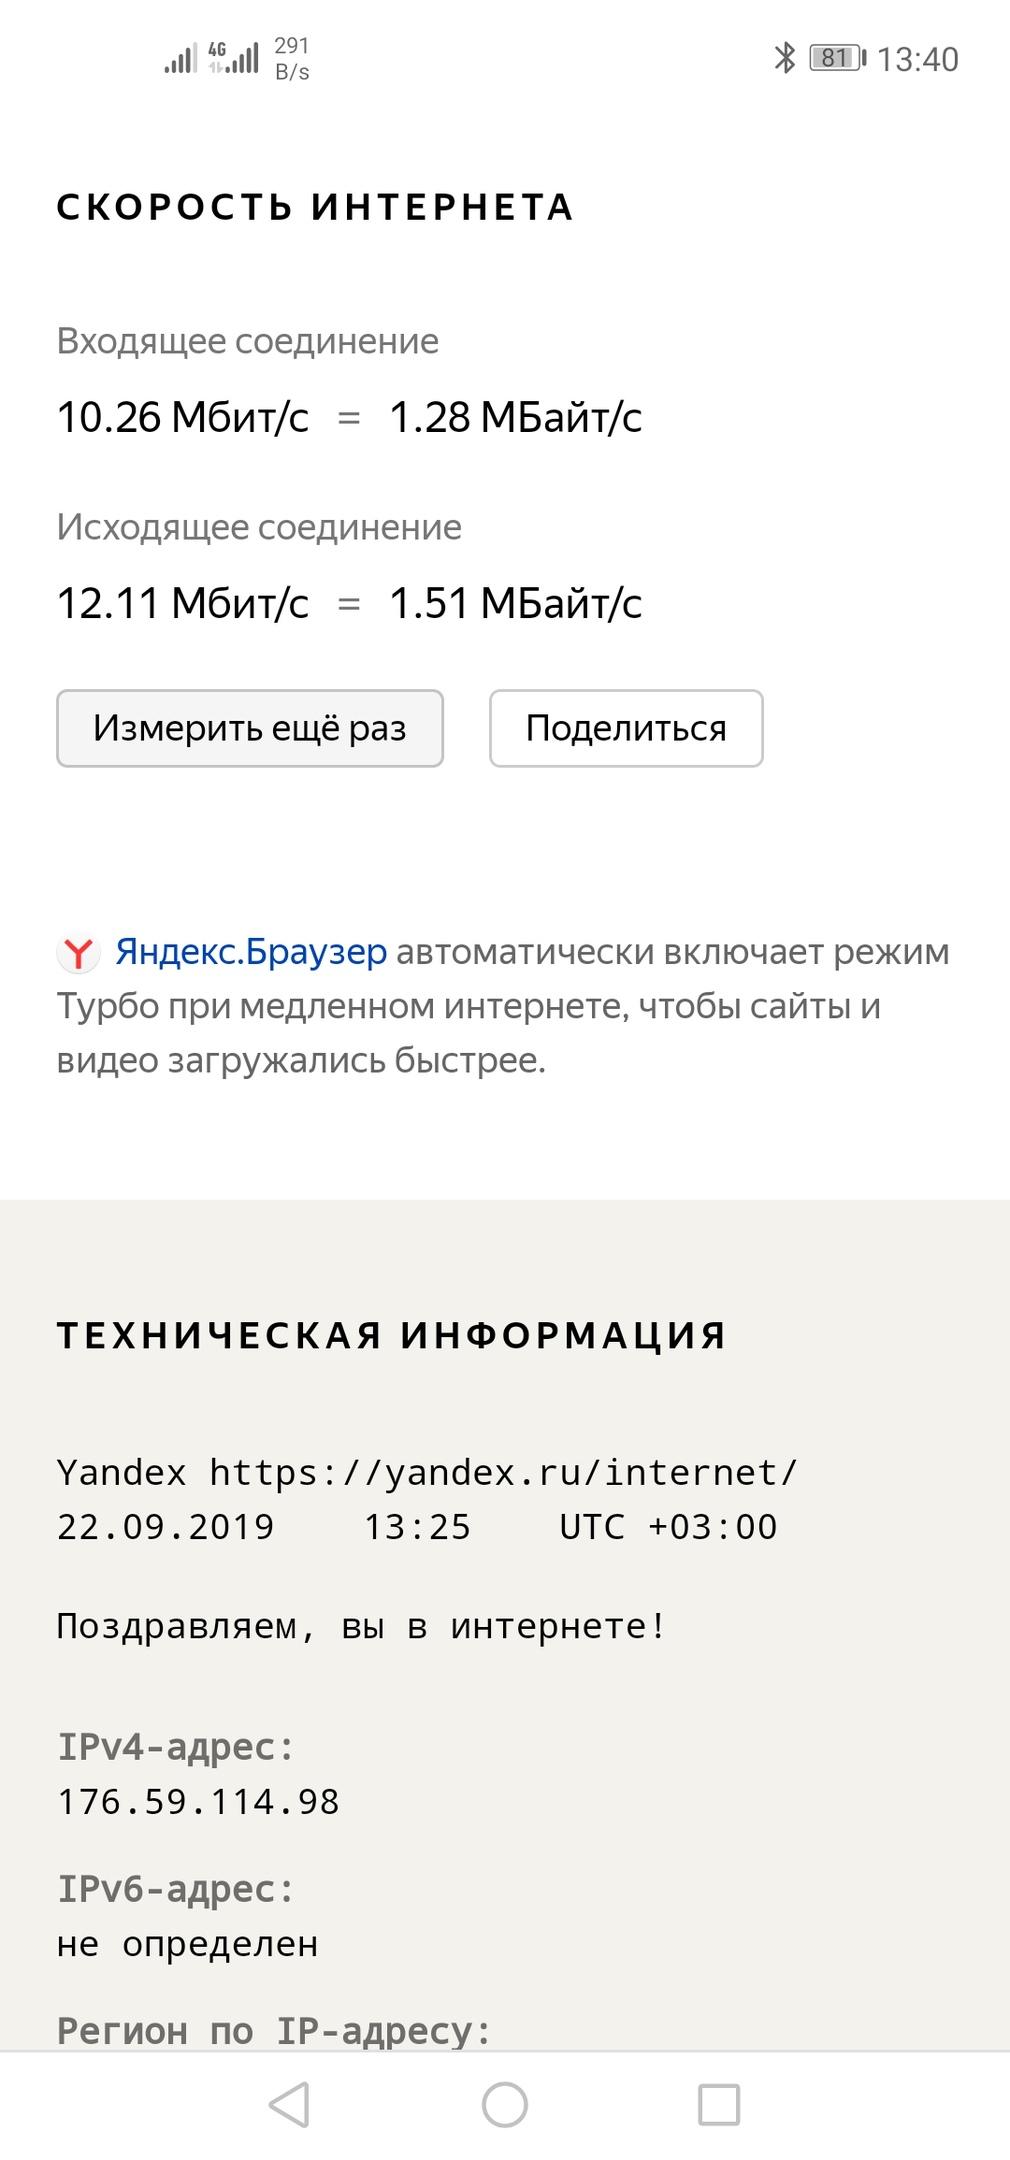 sim24.online безлимитный интернет и тарифы для звонков - сим-карта теле2 безлимит